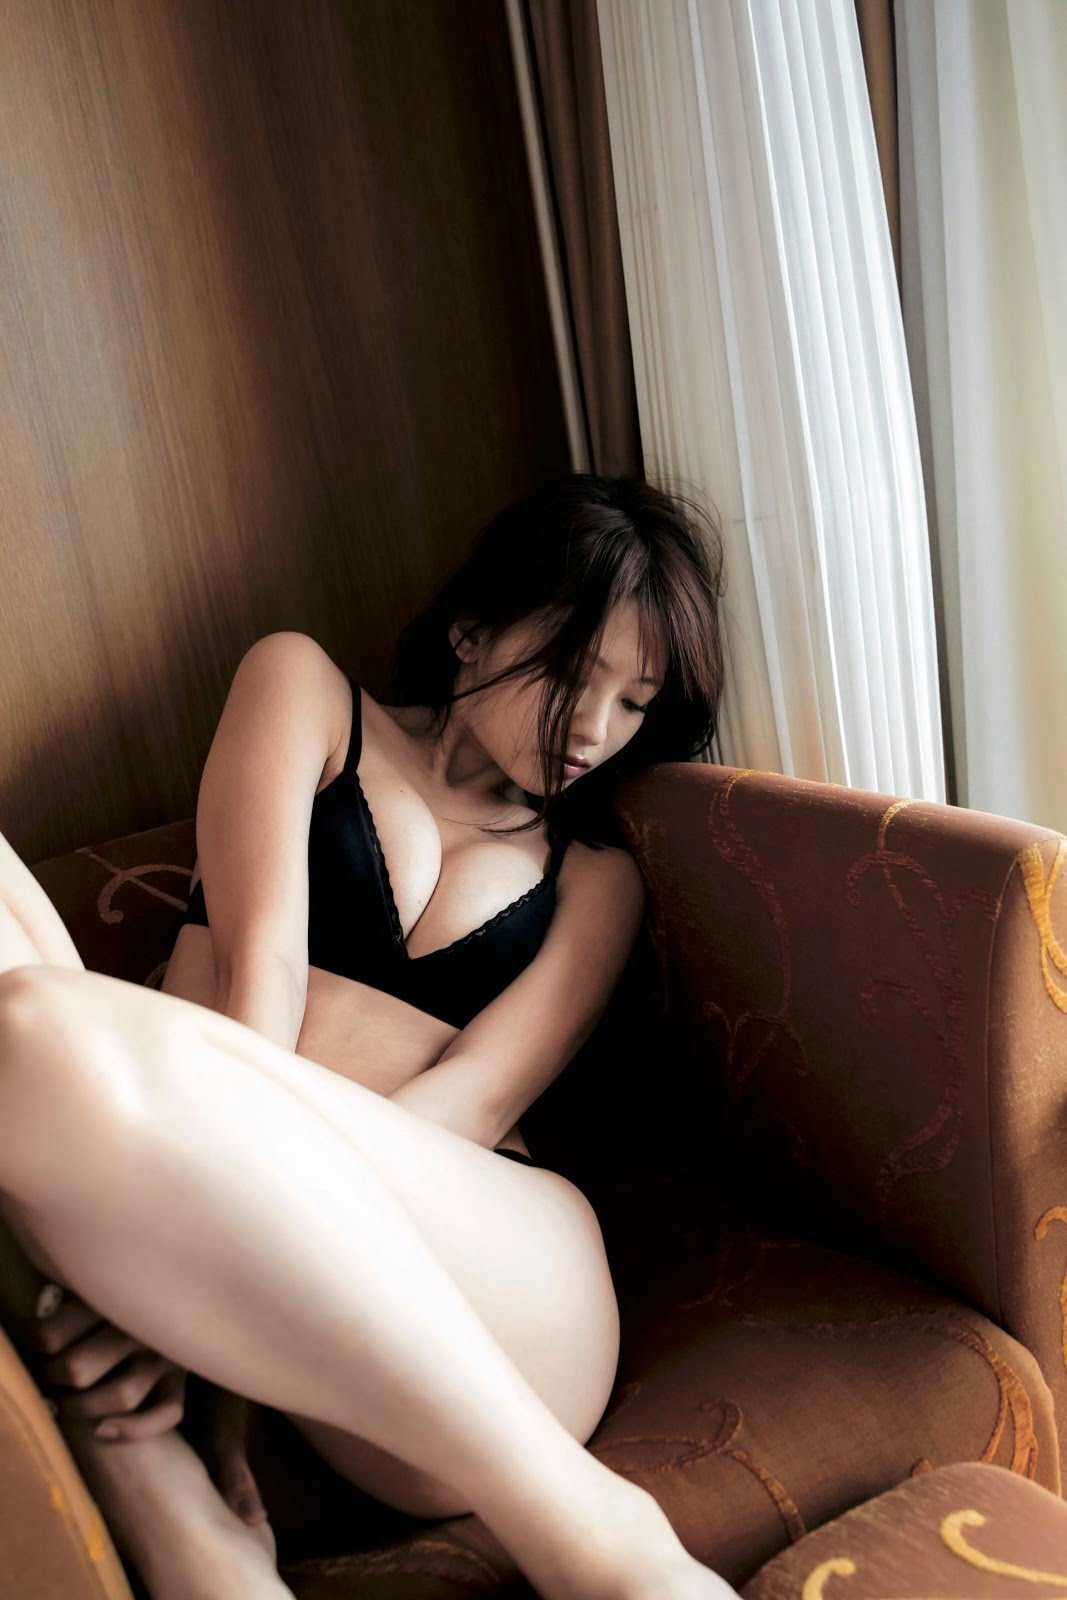 グラビアアイドル画像|Xperiaのキャンペーンガールで話題になった早瀬あやグラドル画像その2 133枚